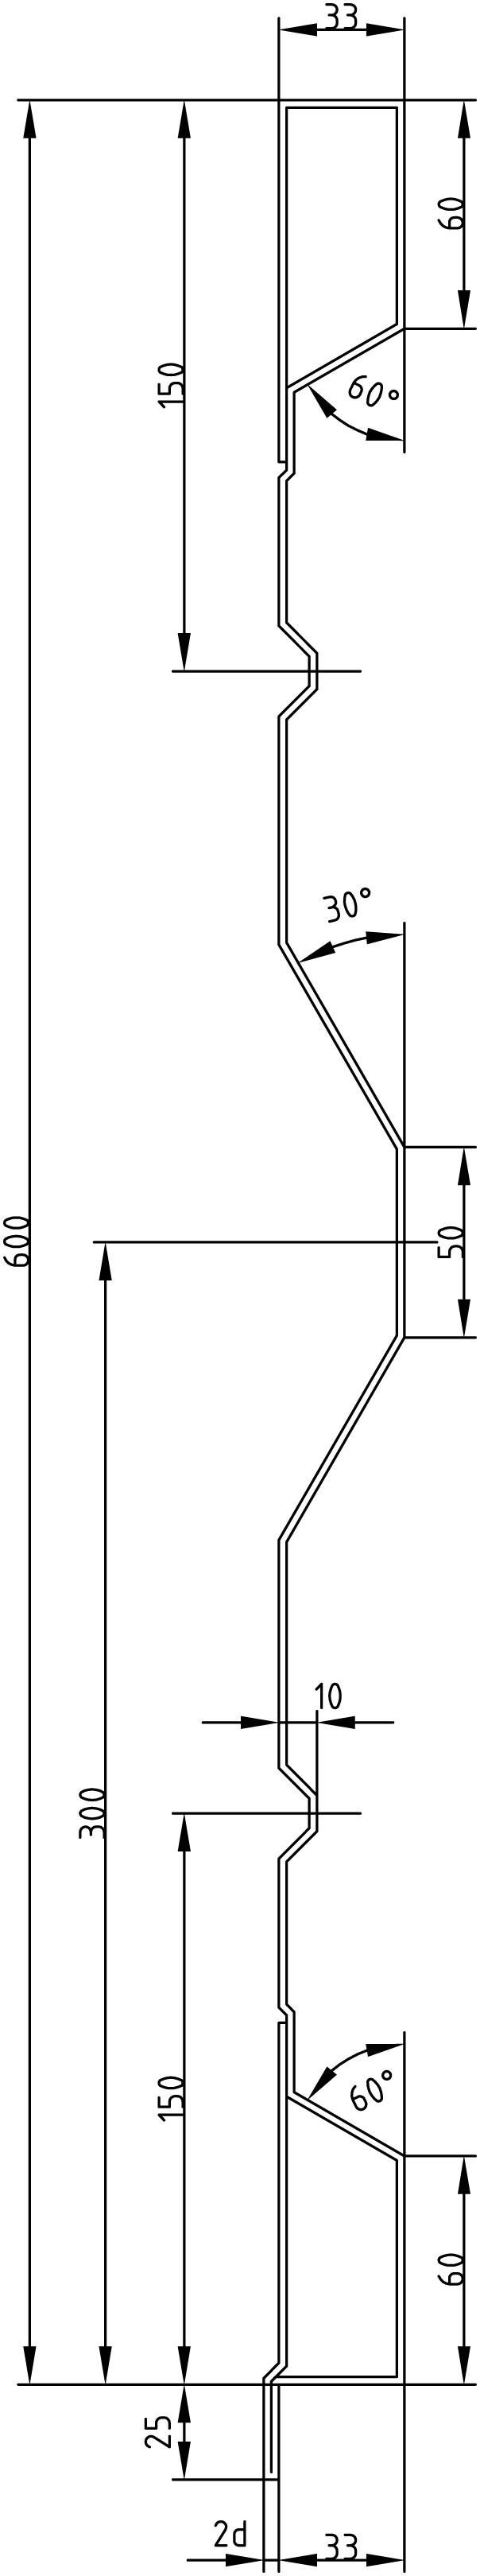 Brantner Kipper und Anhänger - 600x2x2405 front attachment board w trailing edges